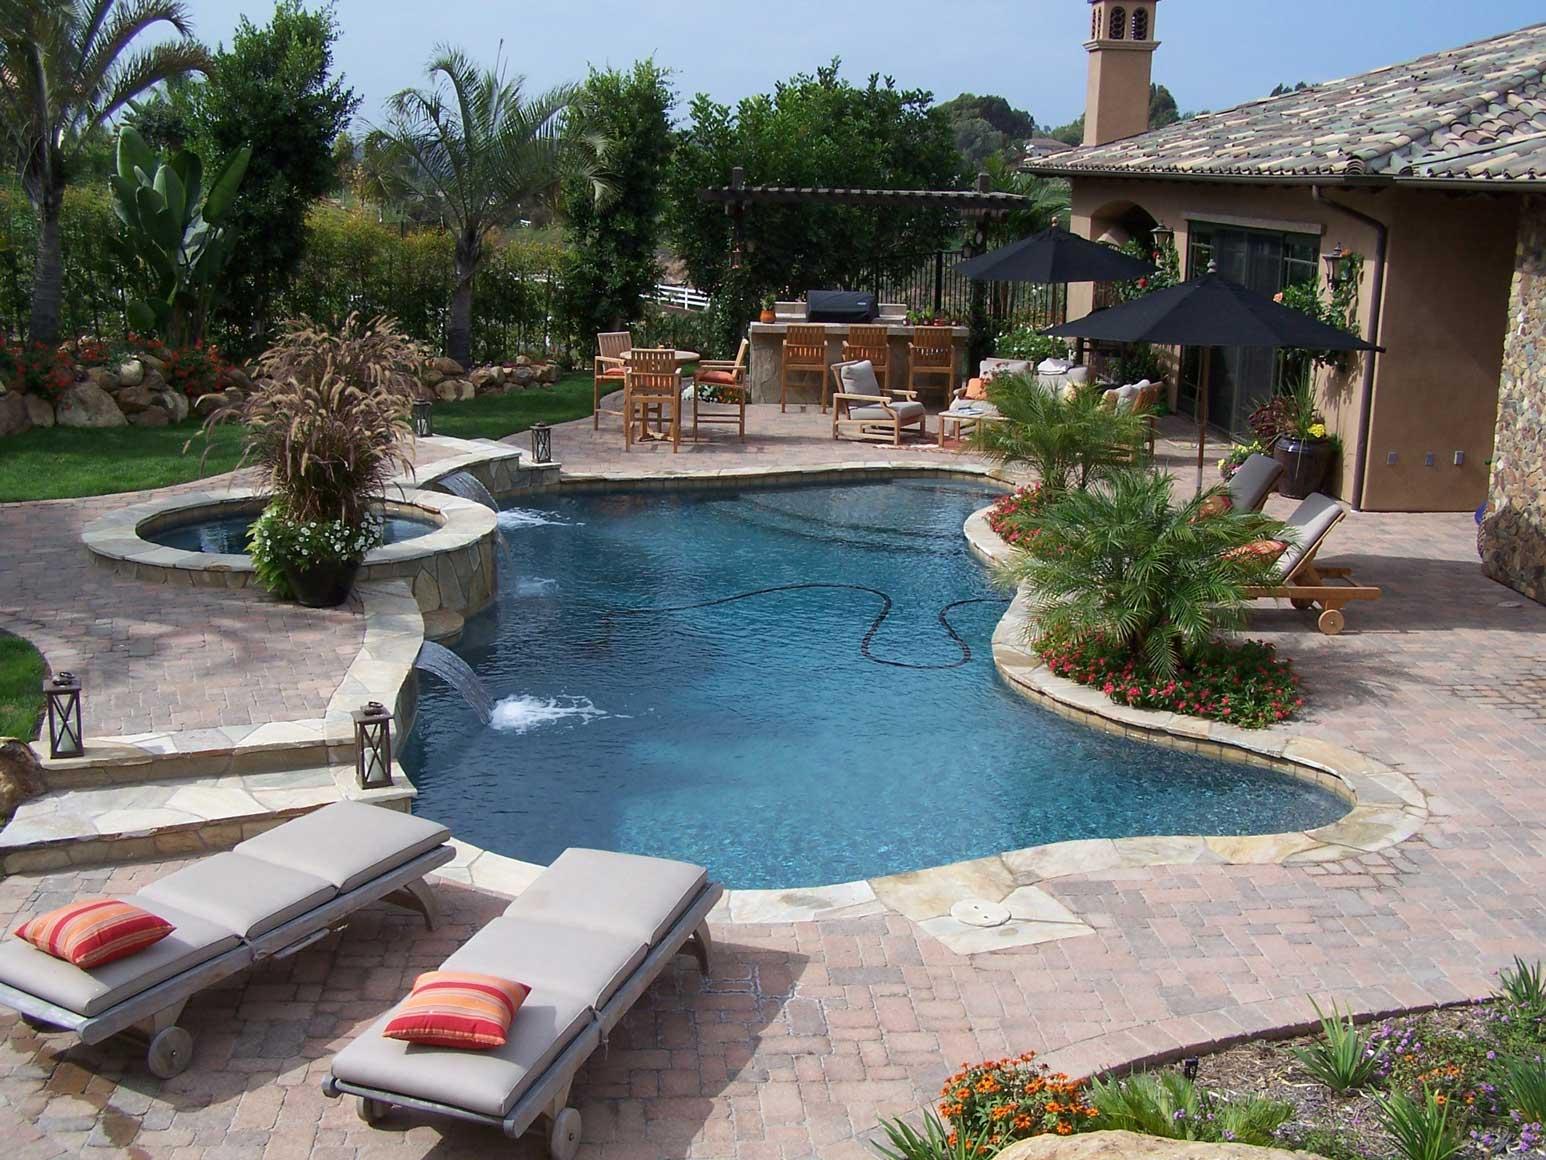 1 Pool Builders Carlsbad Ca Swimming Pool Contractors